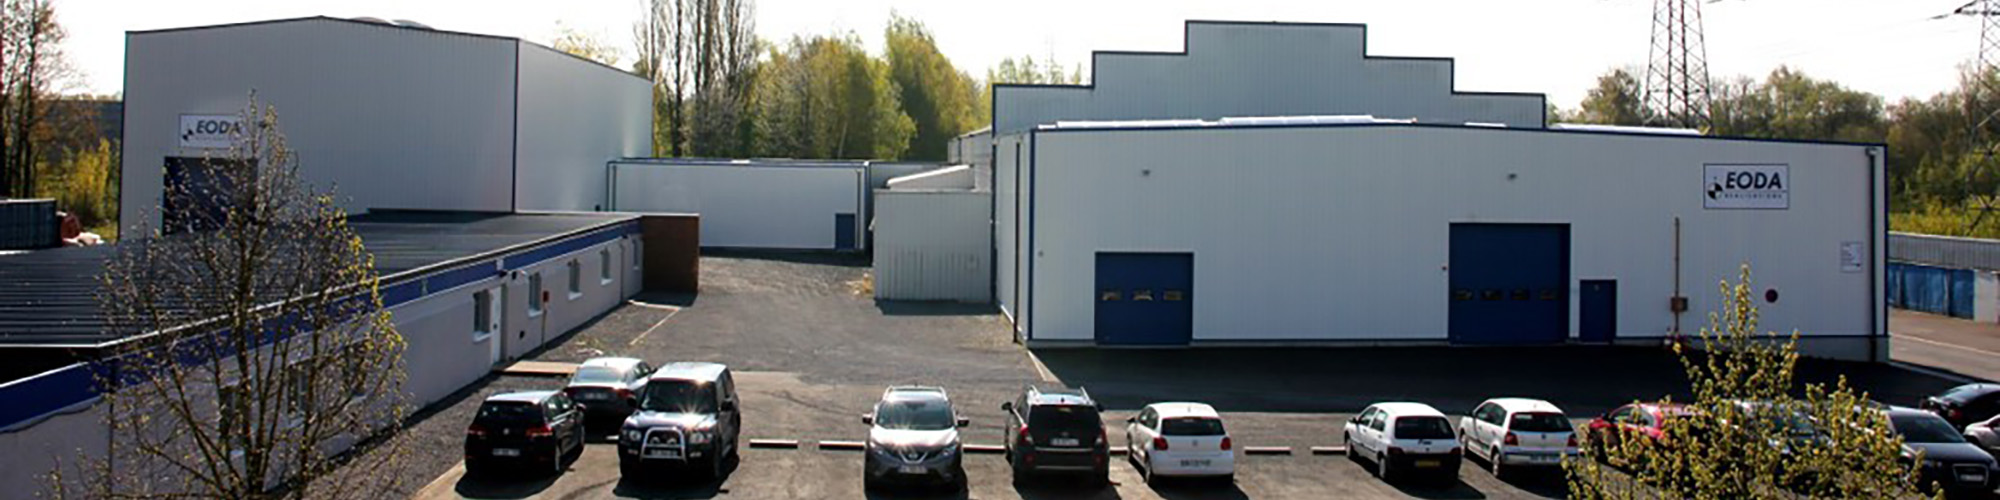 Eoda investit dans un centre d'usinage grand format